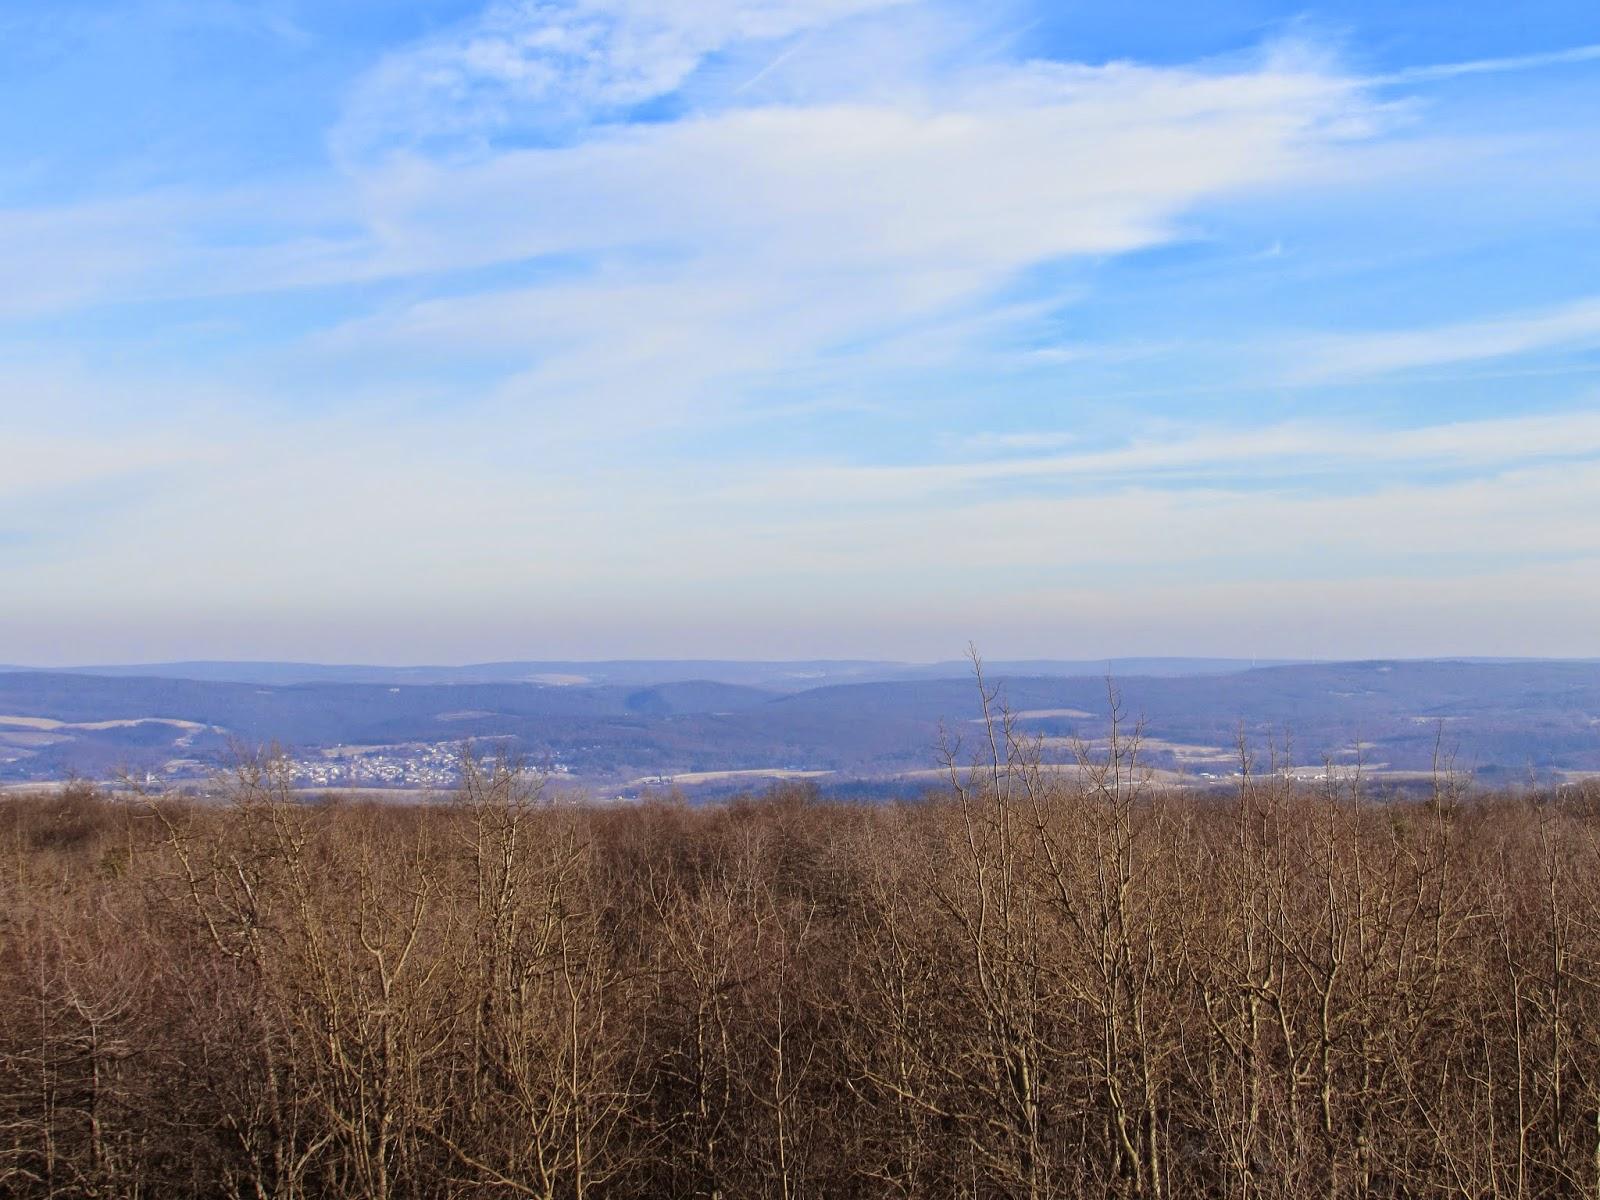 Mt  Davis: Tallest Mountain in Pennsylvania, Somerset County